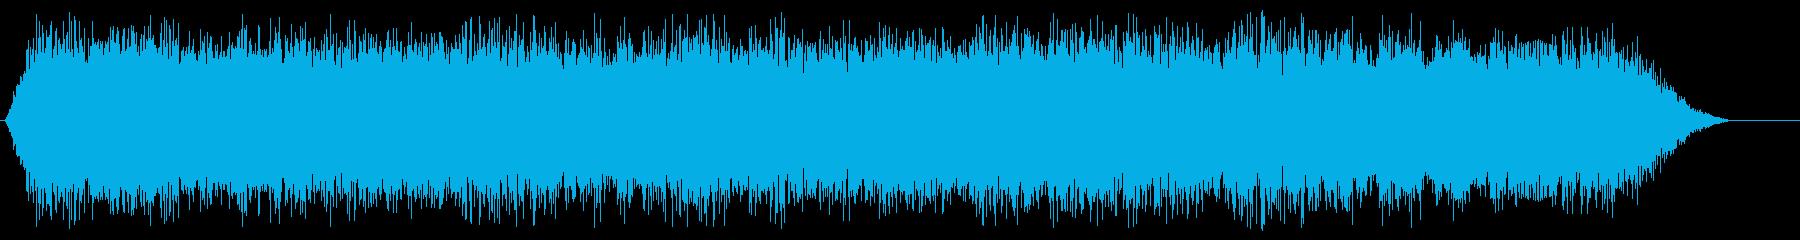 空気圧ハンマーの再生済みの波形